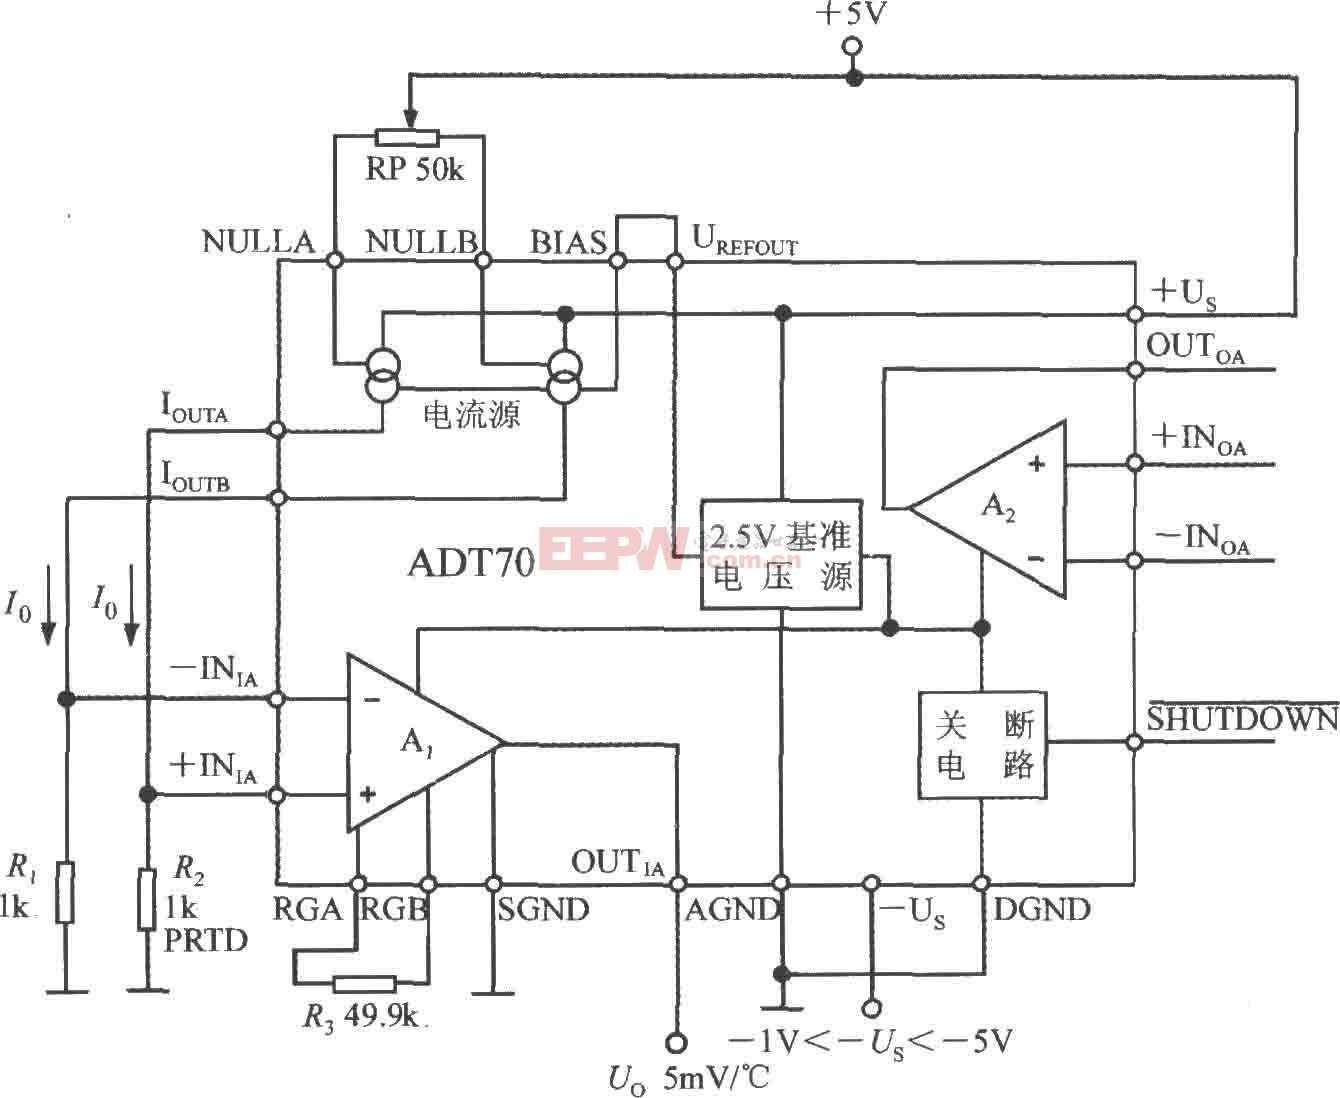 铂热电阻信号调理器ADT70的内部电路框图及典型应用电路图